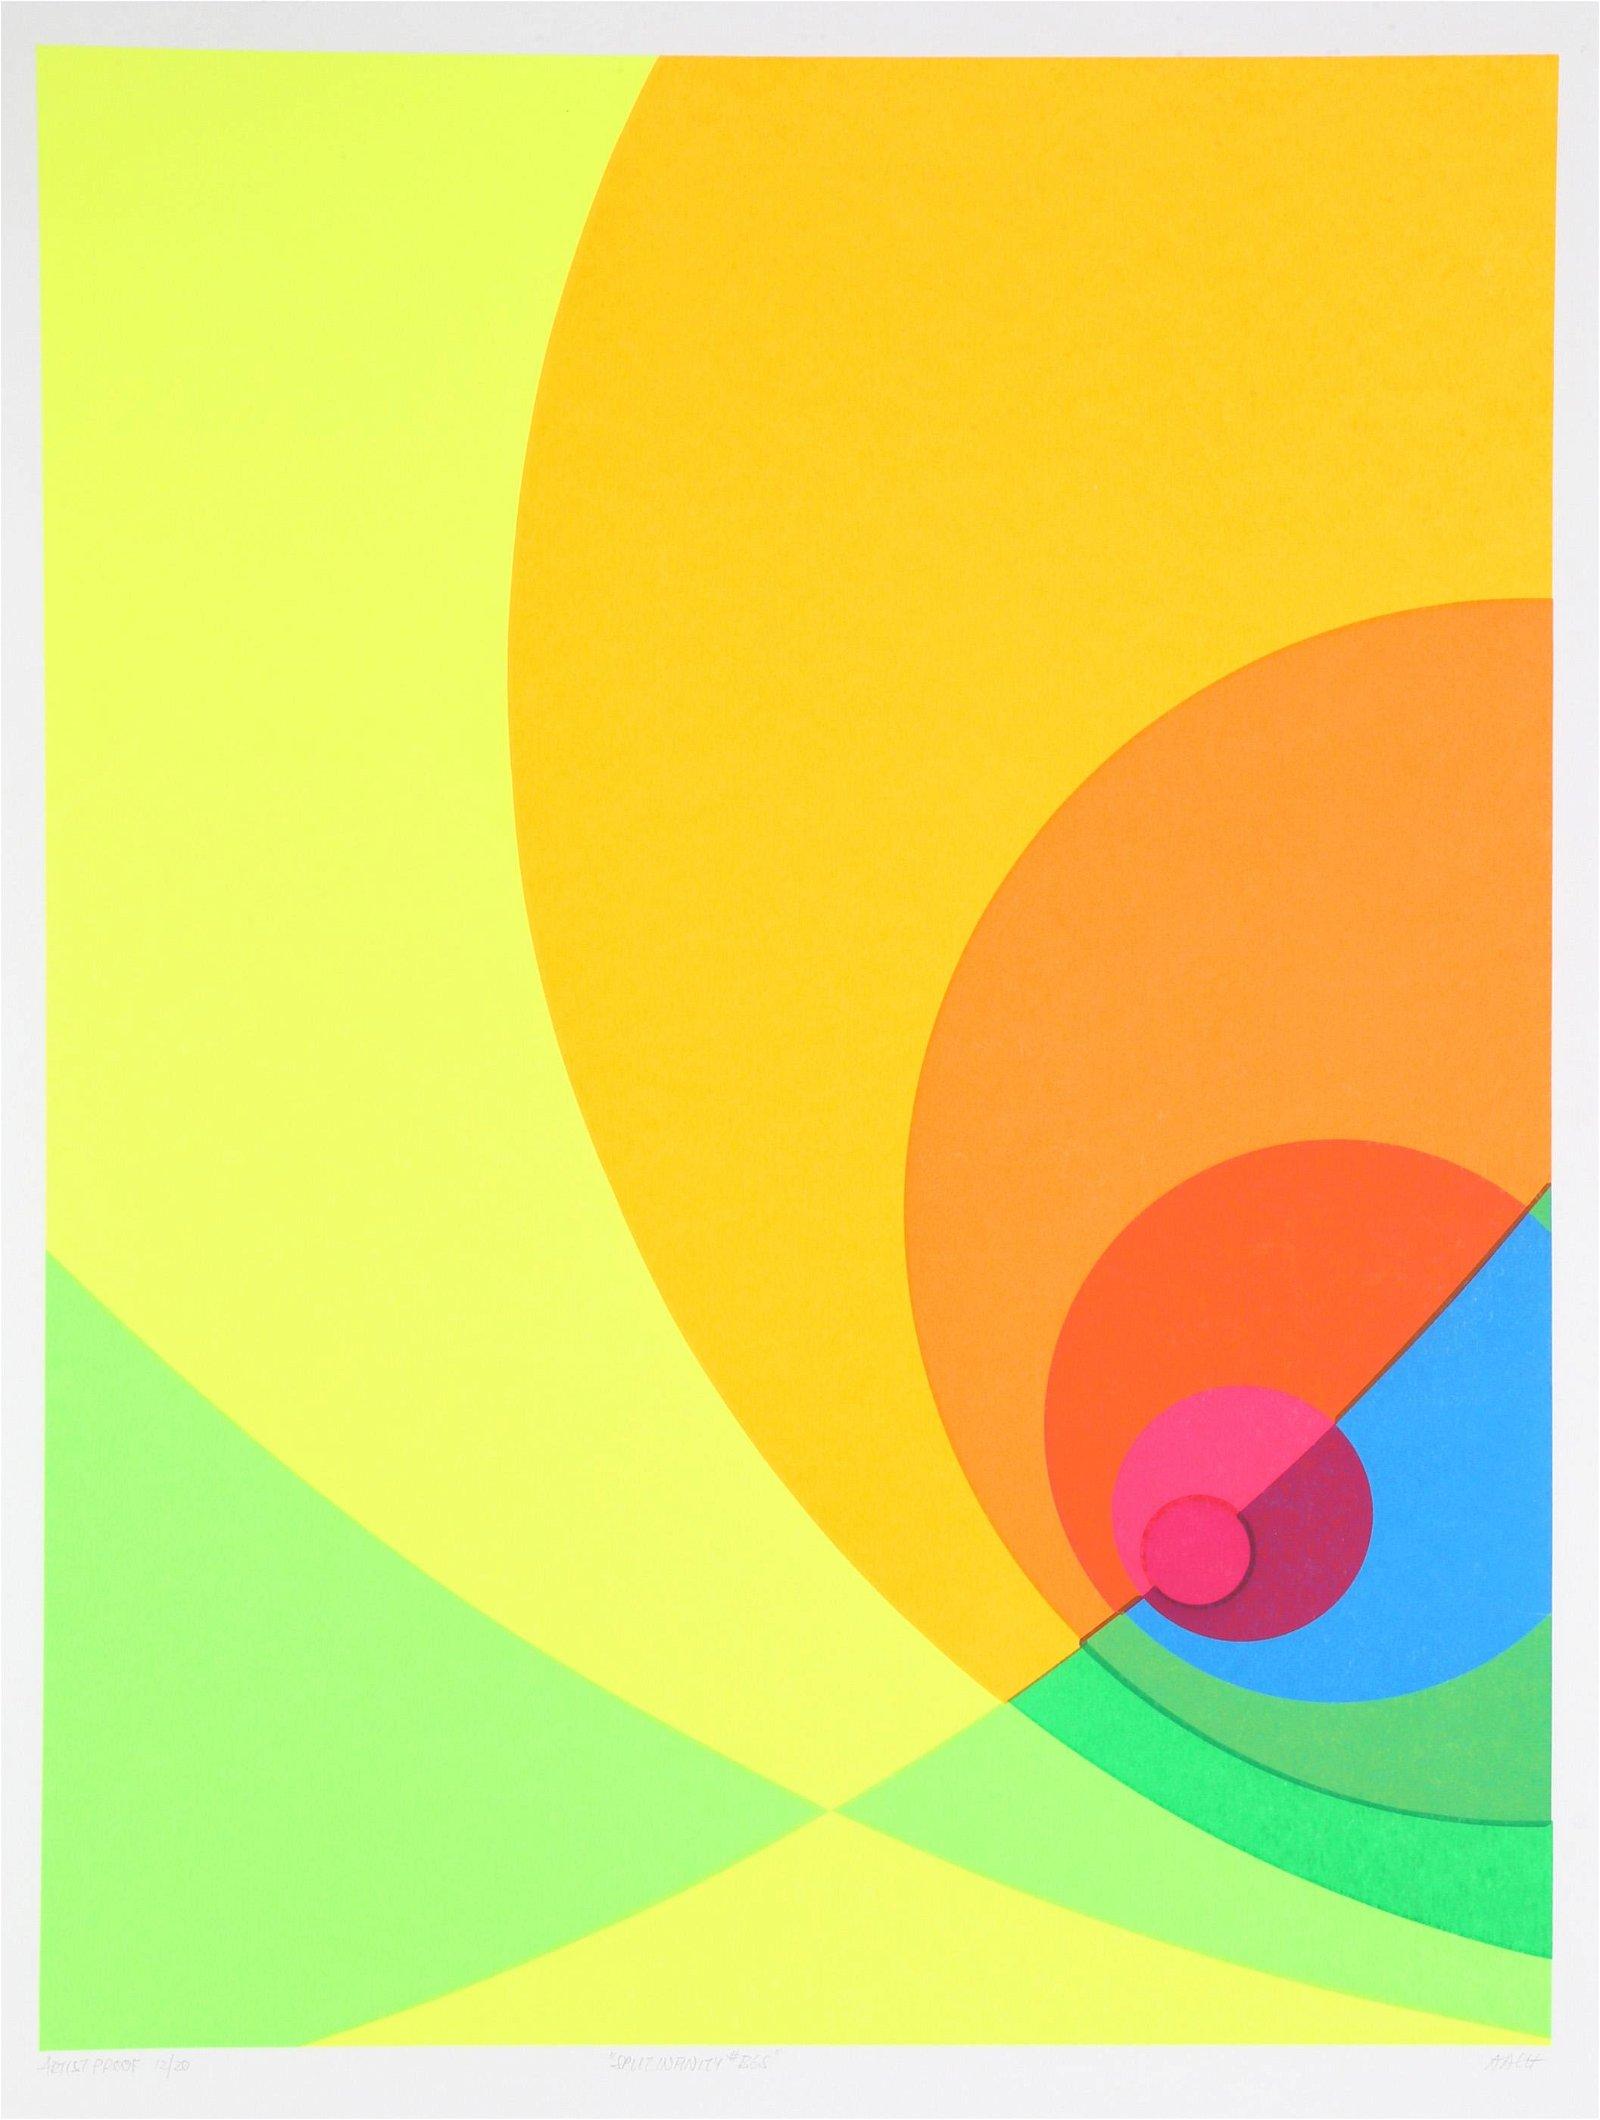 Herbert Aach, Split Infinity #B6S, Silkscreen